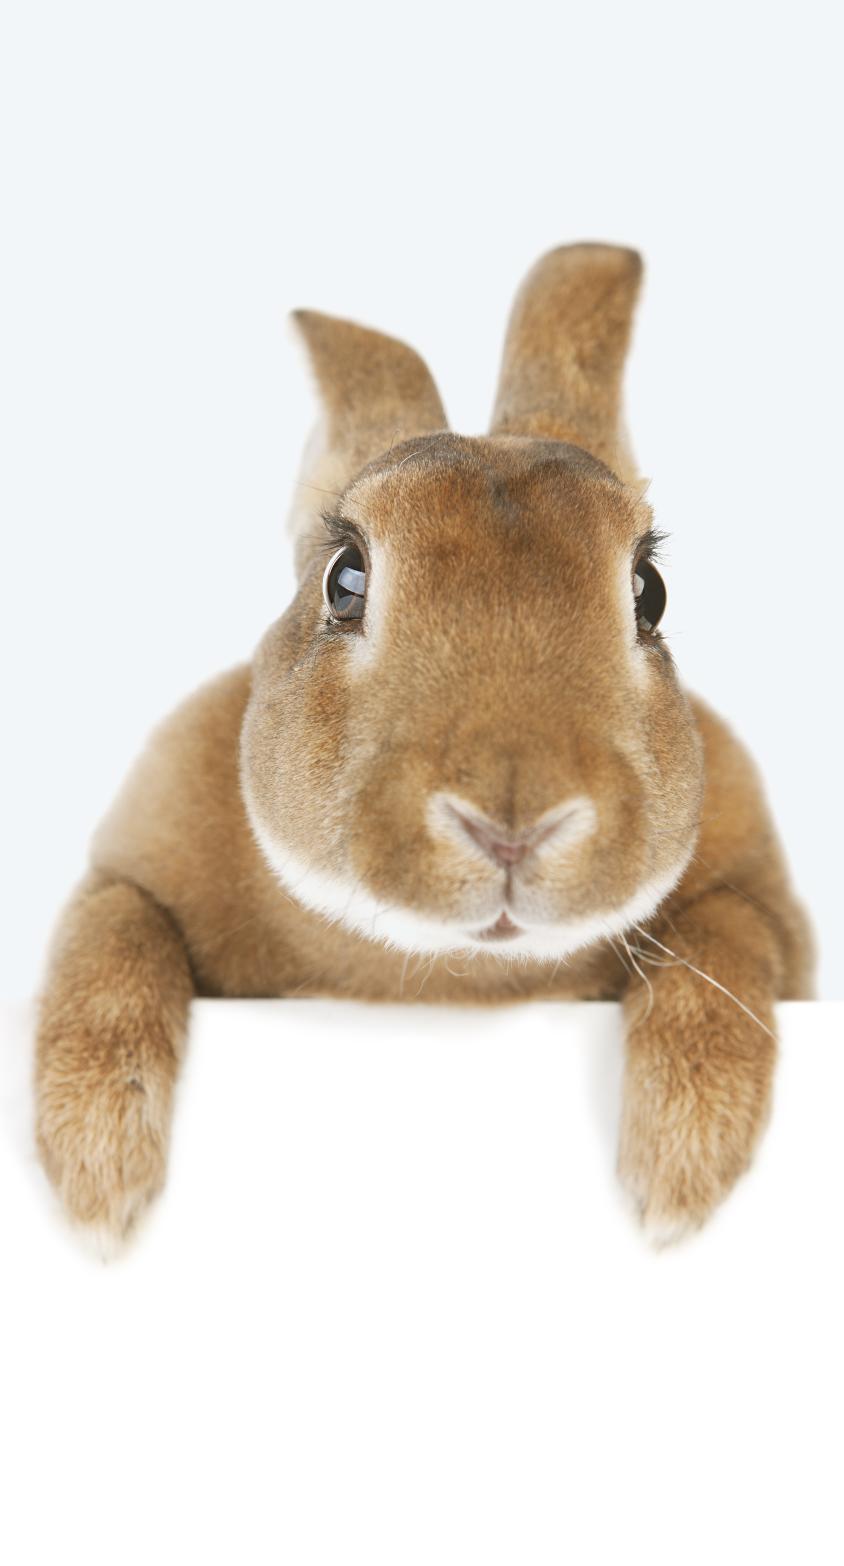 rabbit holding banner